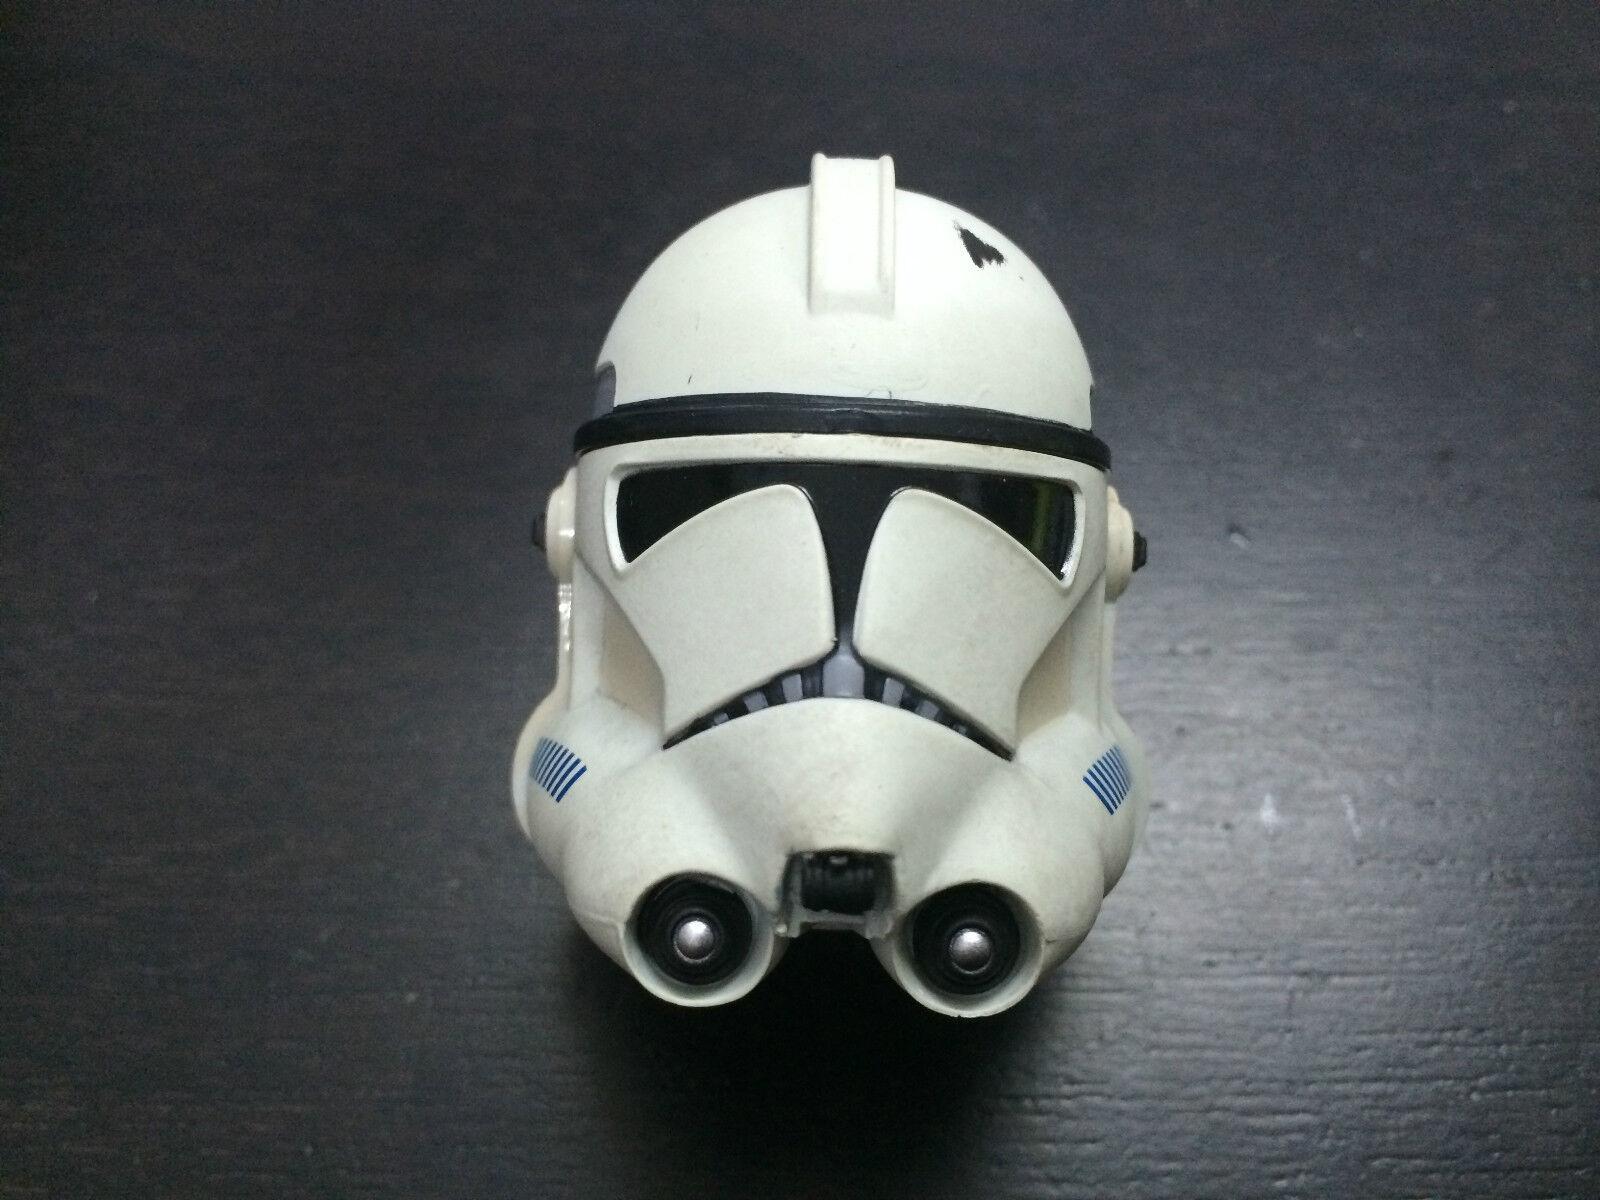 ... 1   6 - skala star - wars - klon soldat 041th perfekt ep2 helm